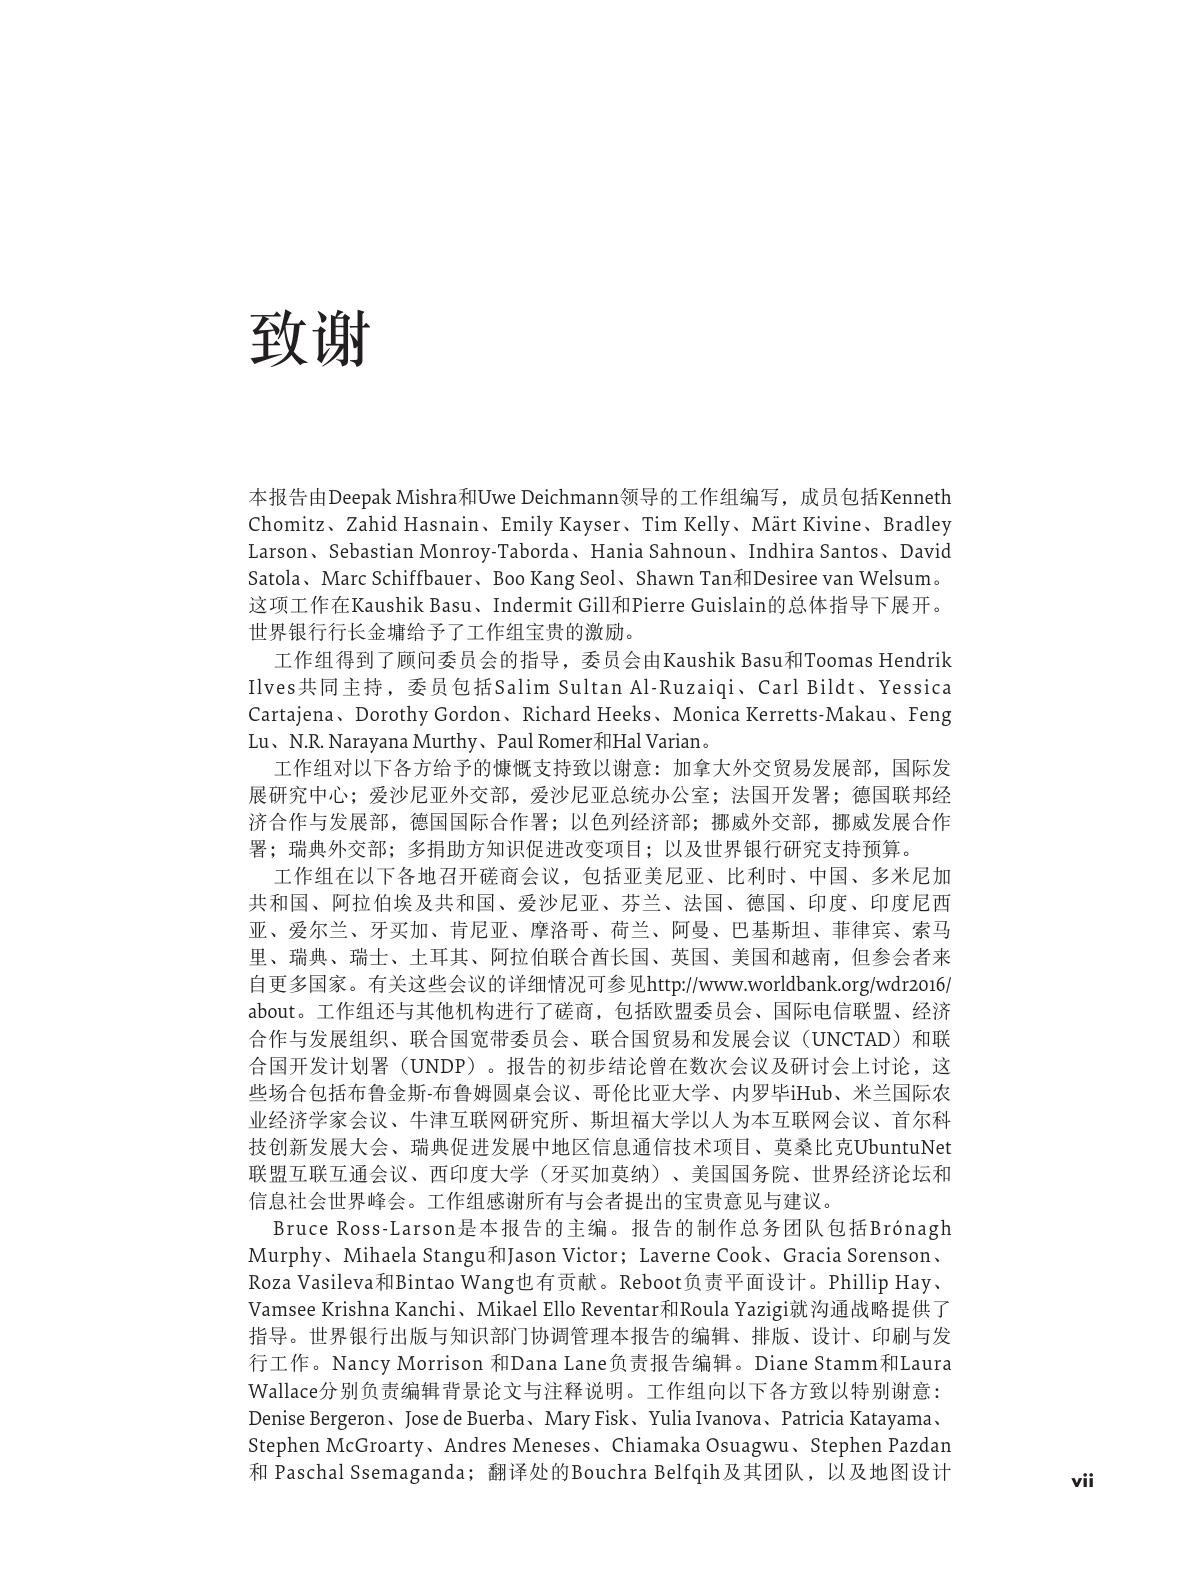 2016年世界发展报告-数字红利_000009